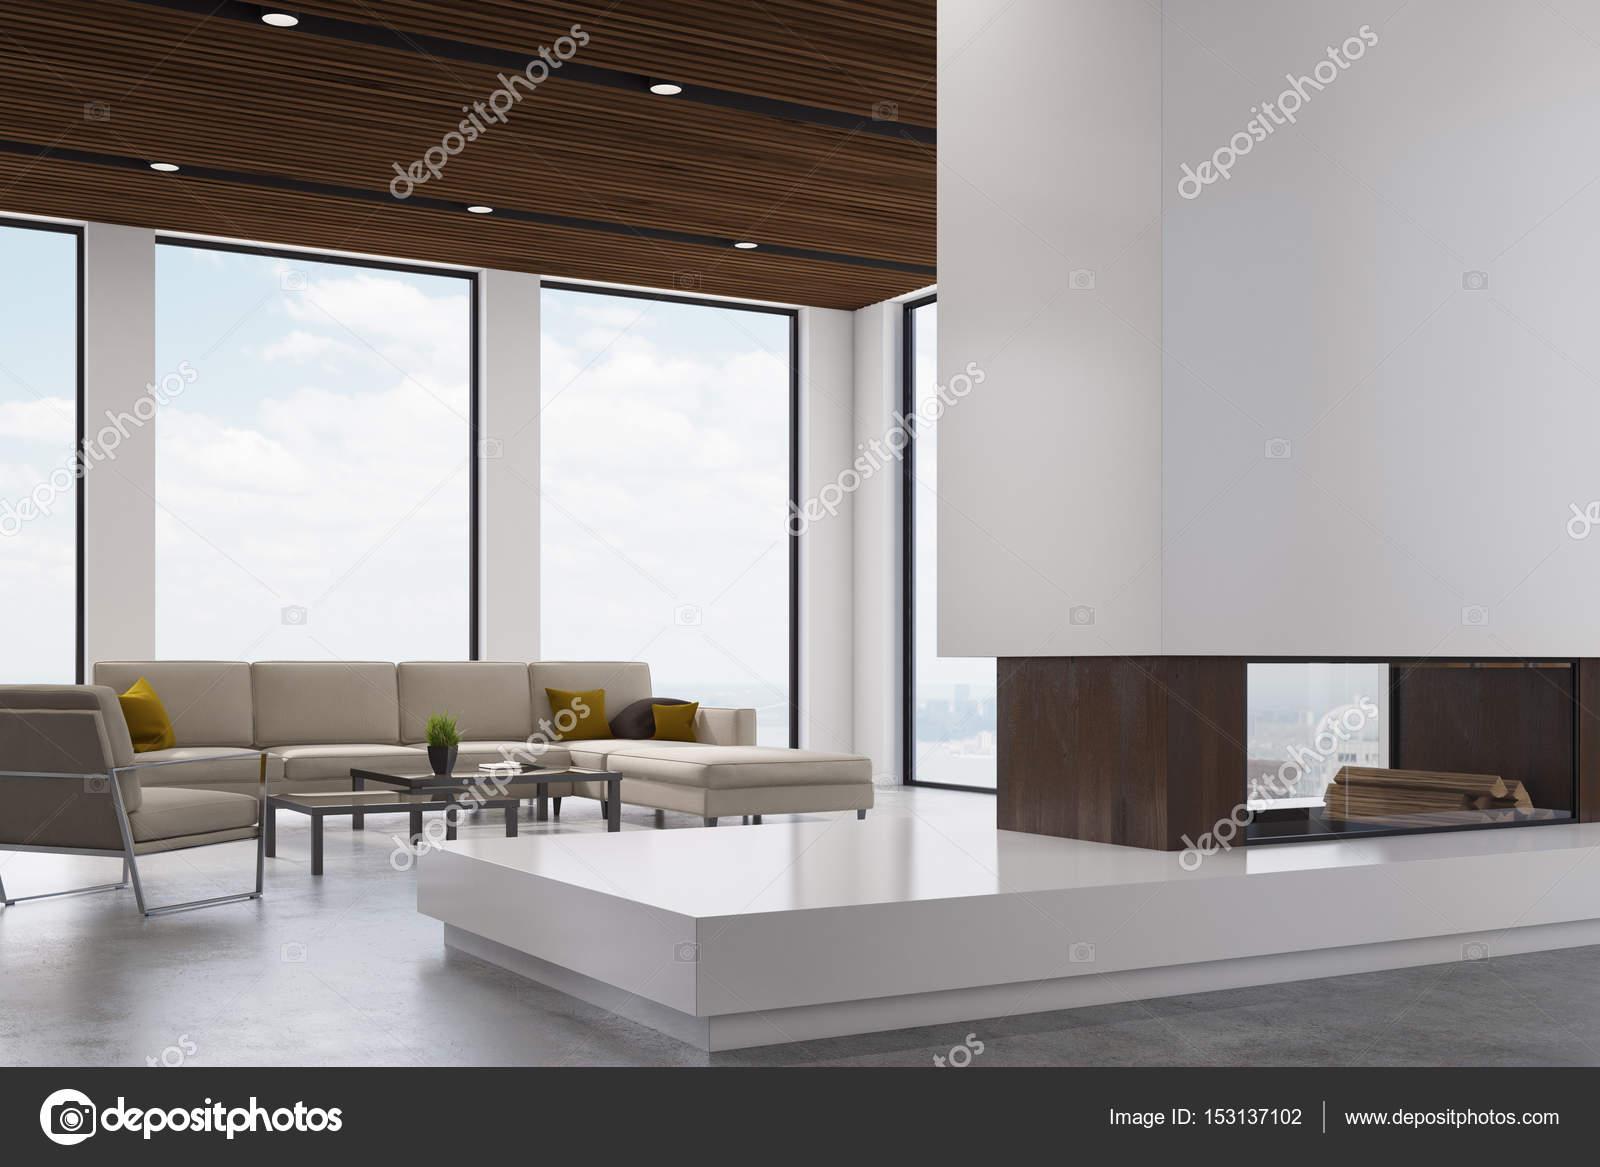 Kamin Wohnzimmer, Seite U2014 Stockfoto